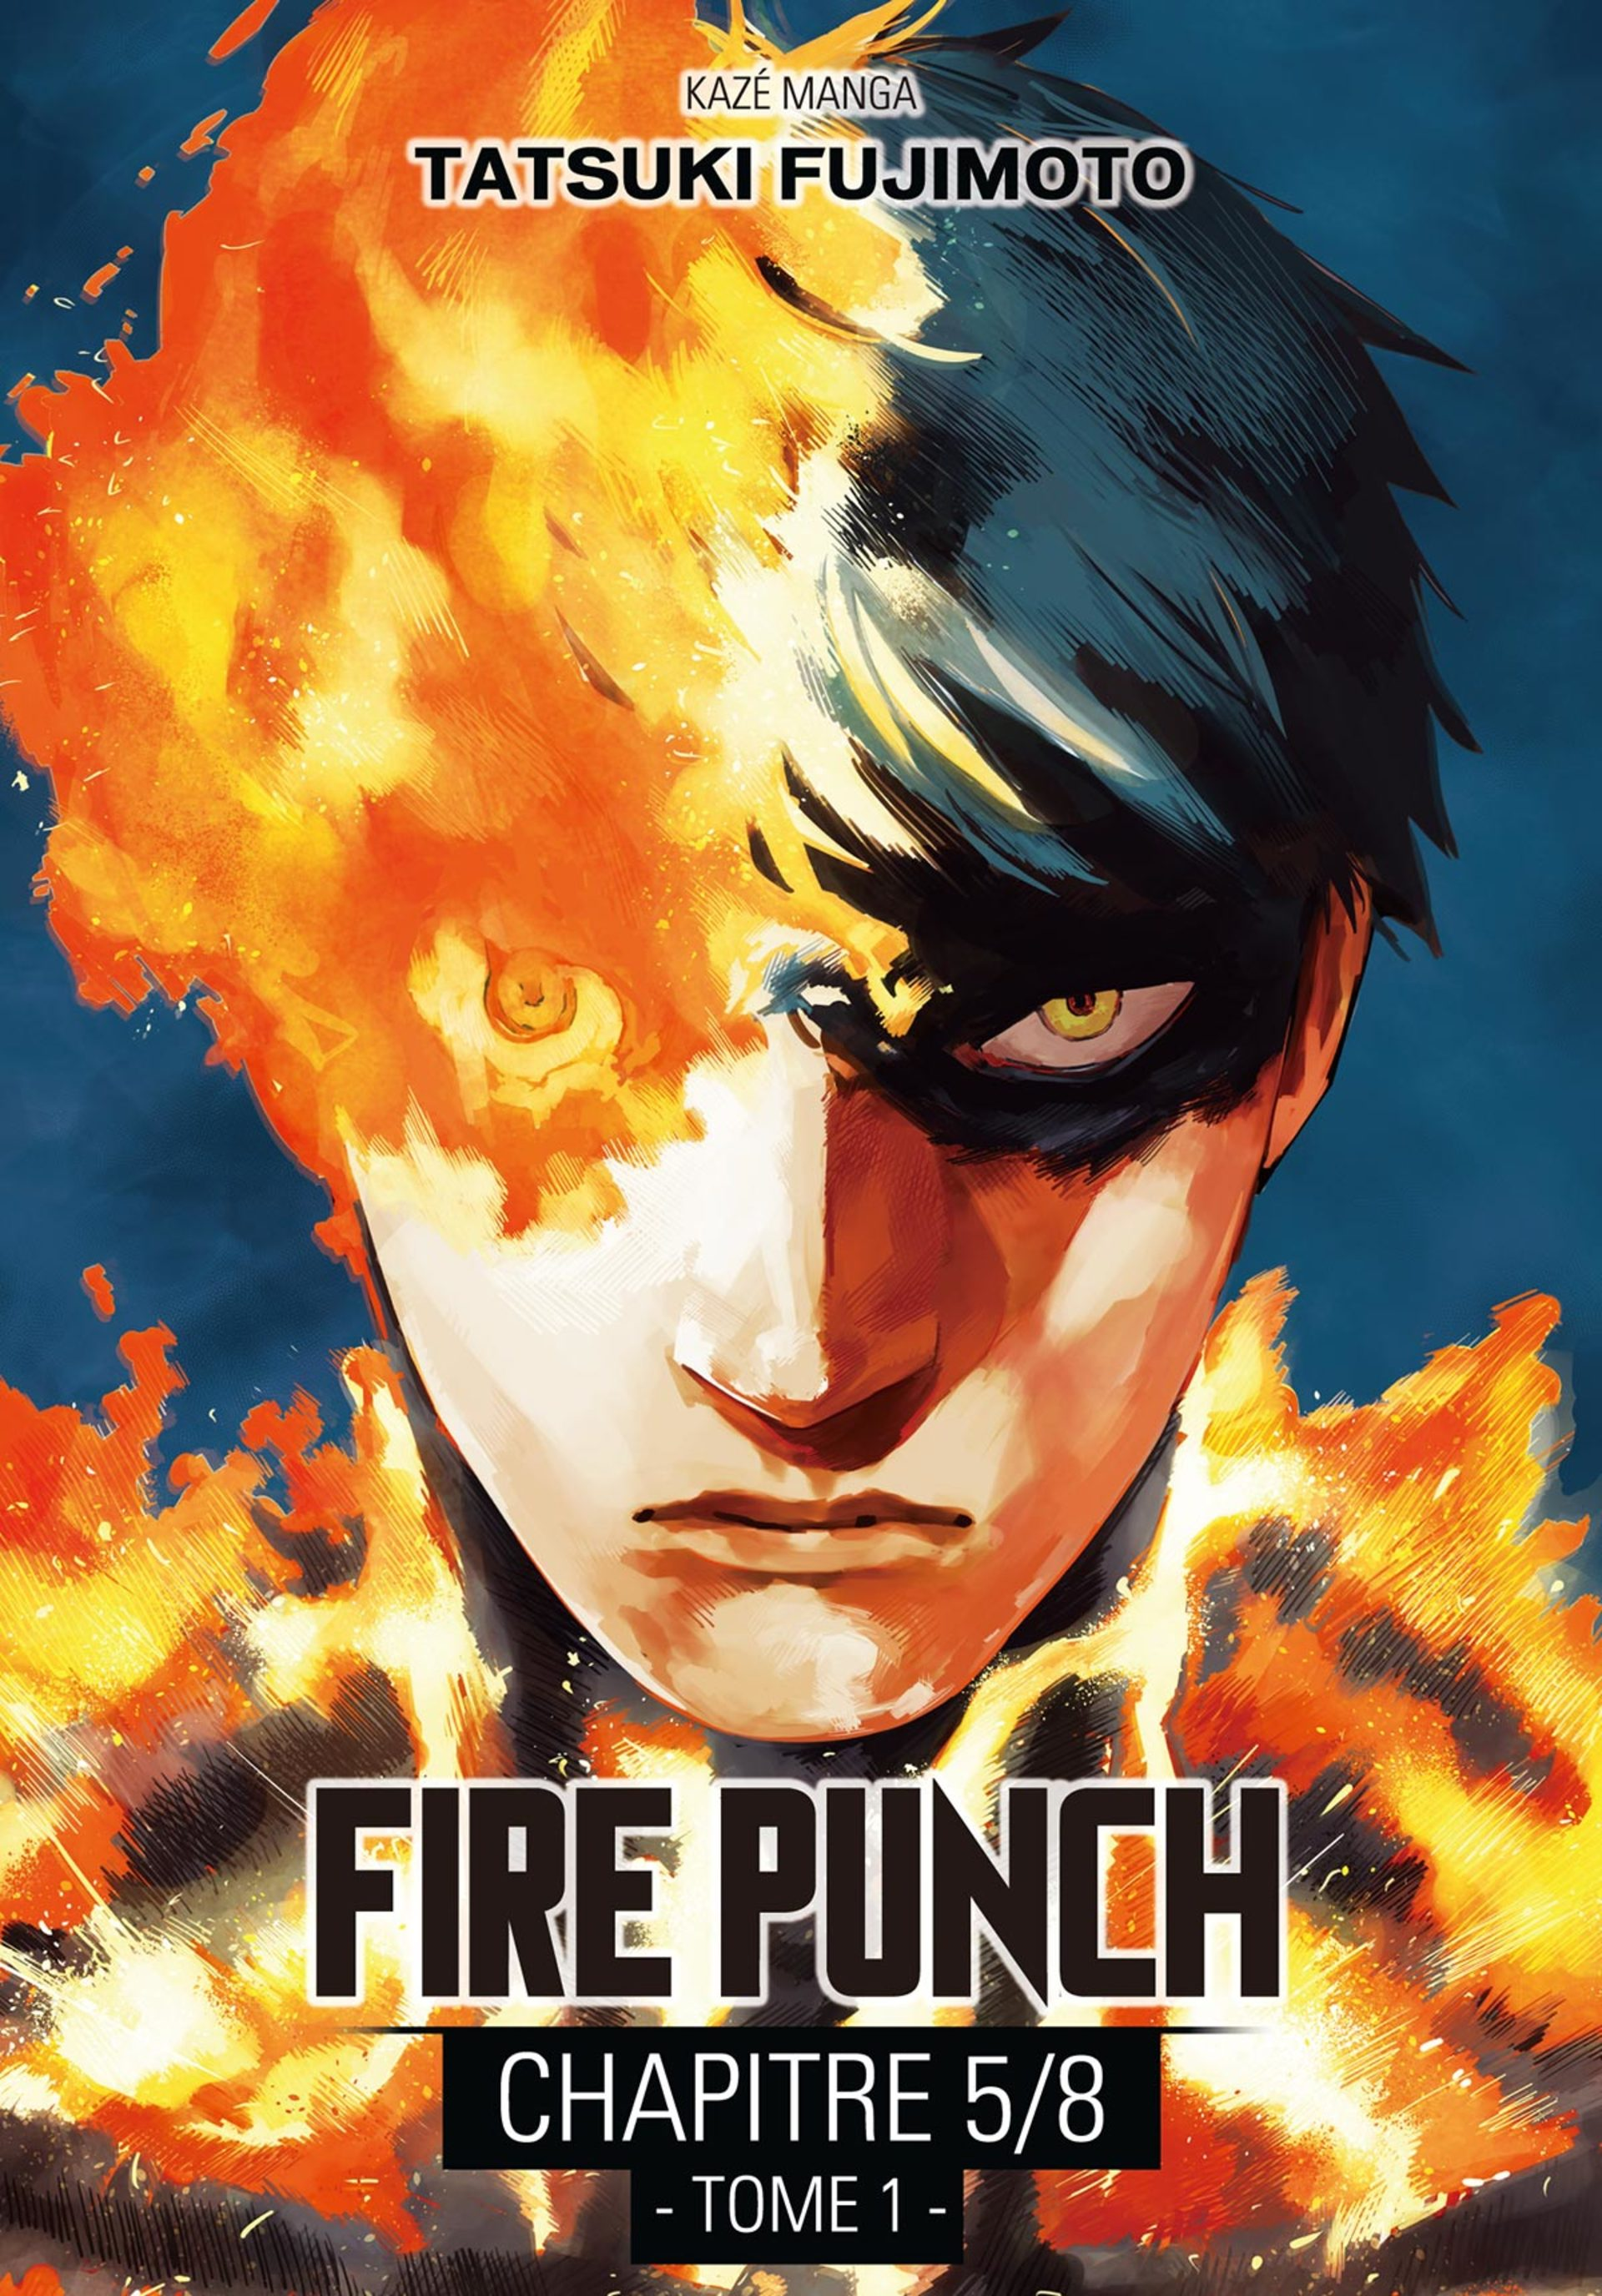 Fire Punch - Chapitre 5